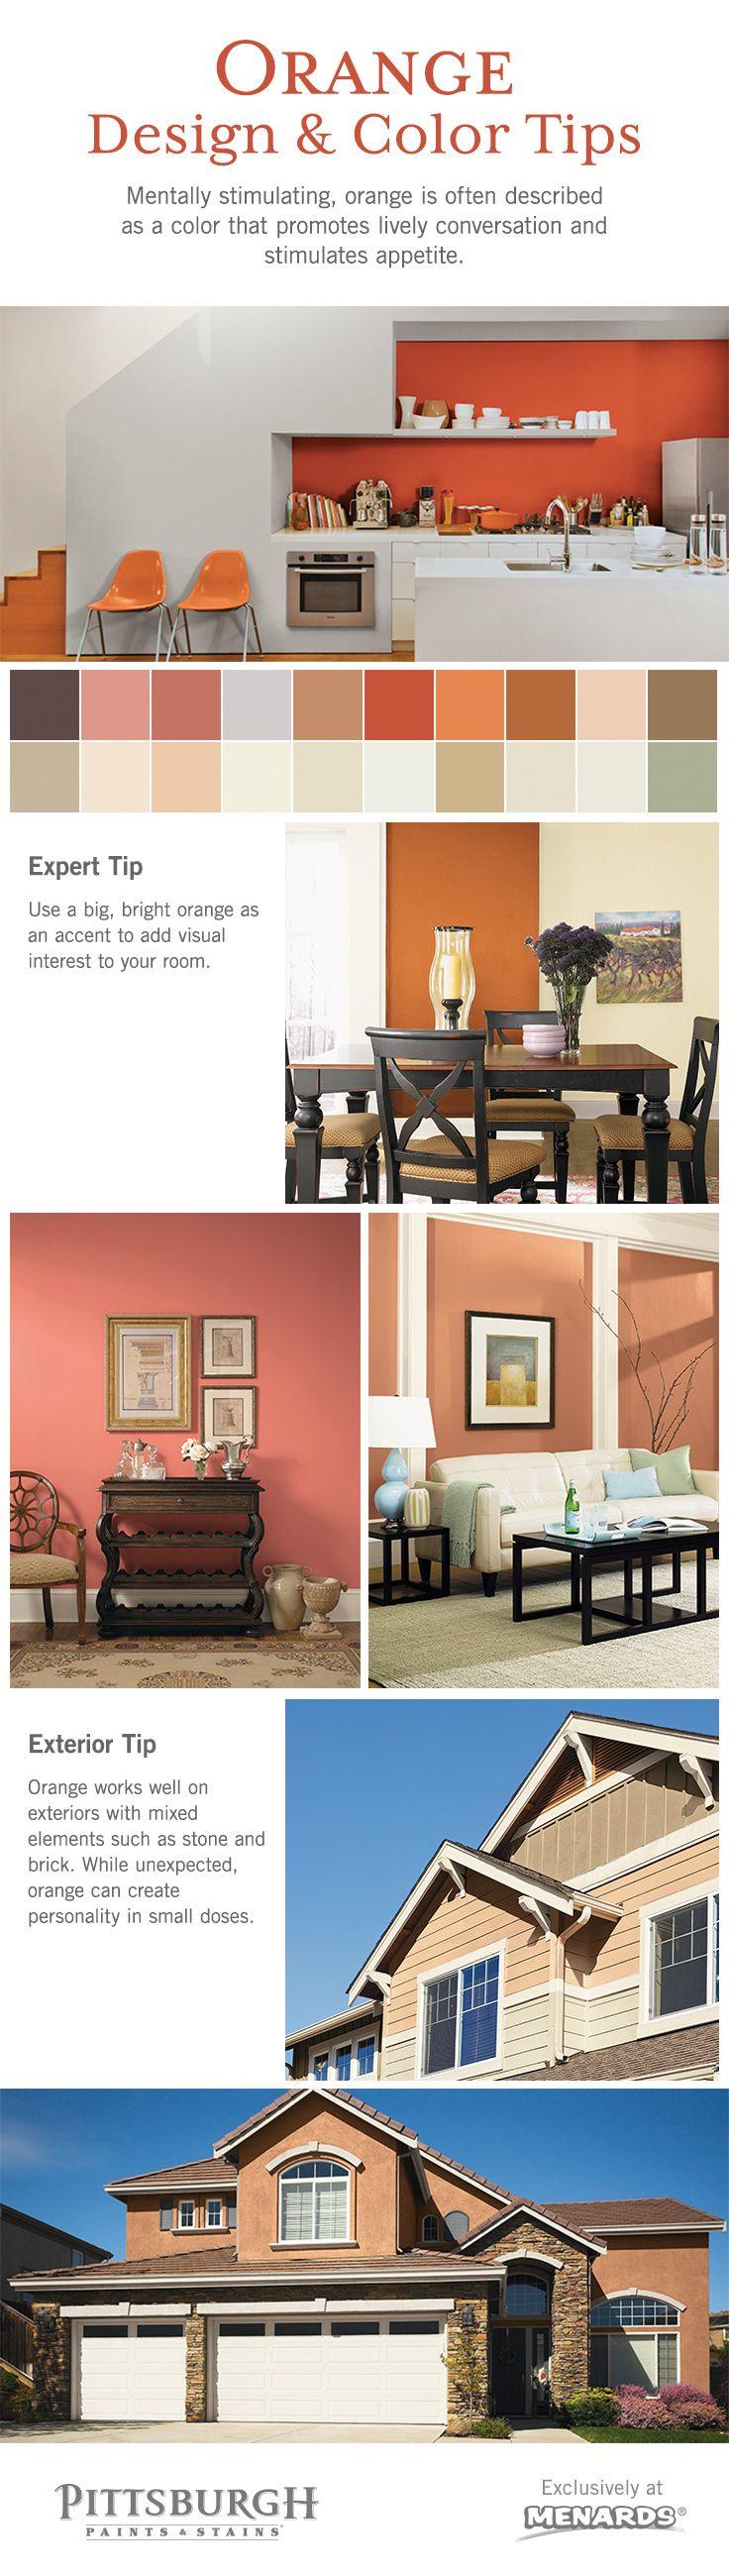 Best Orange Paint Colors 24 Best Our Best Orange Paint Color Tips Images On Pinterest